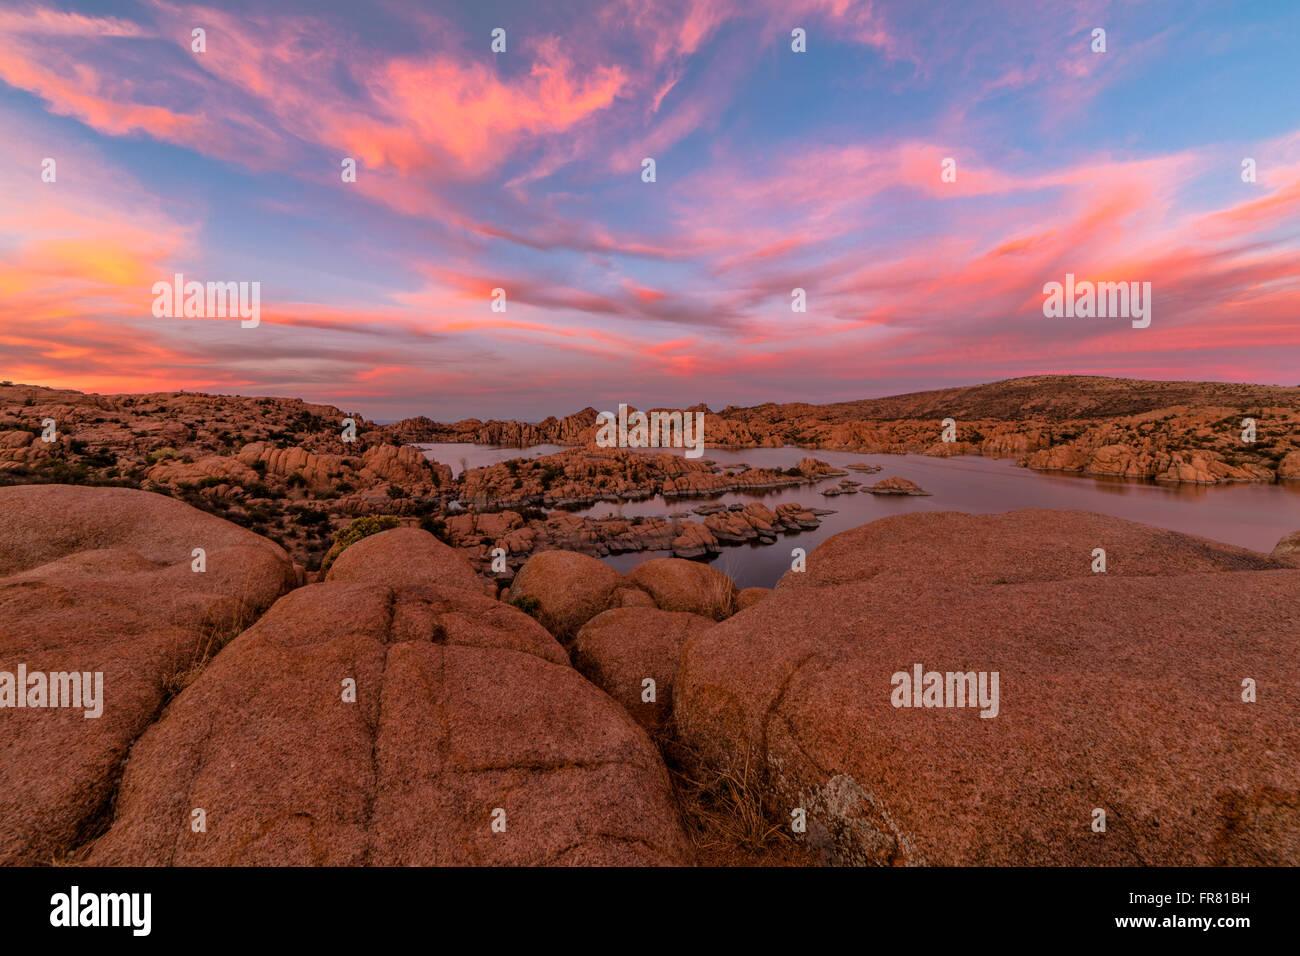 Magnifique coucher de soleil sur Watson Lake à Prescott, Arizona, USA. Banque D'Images